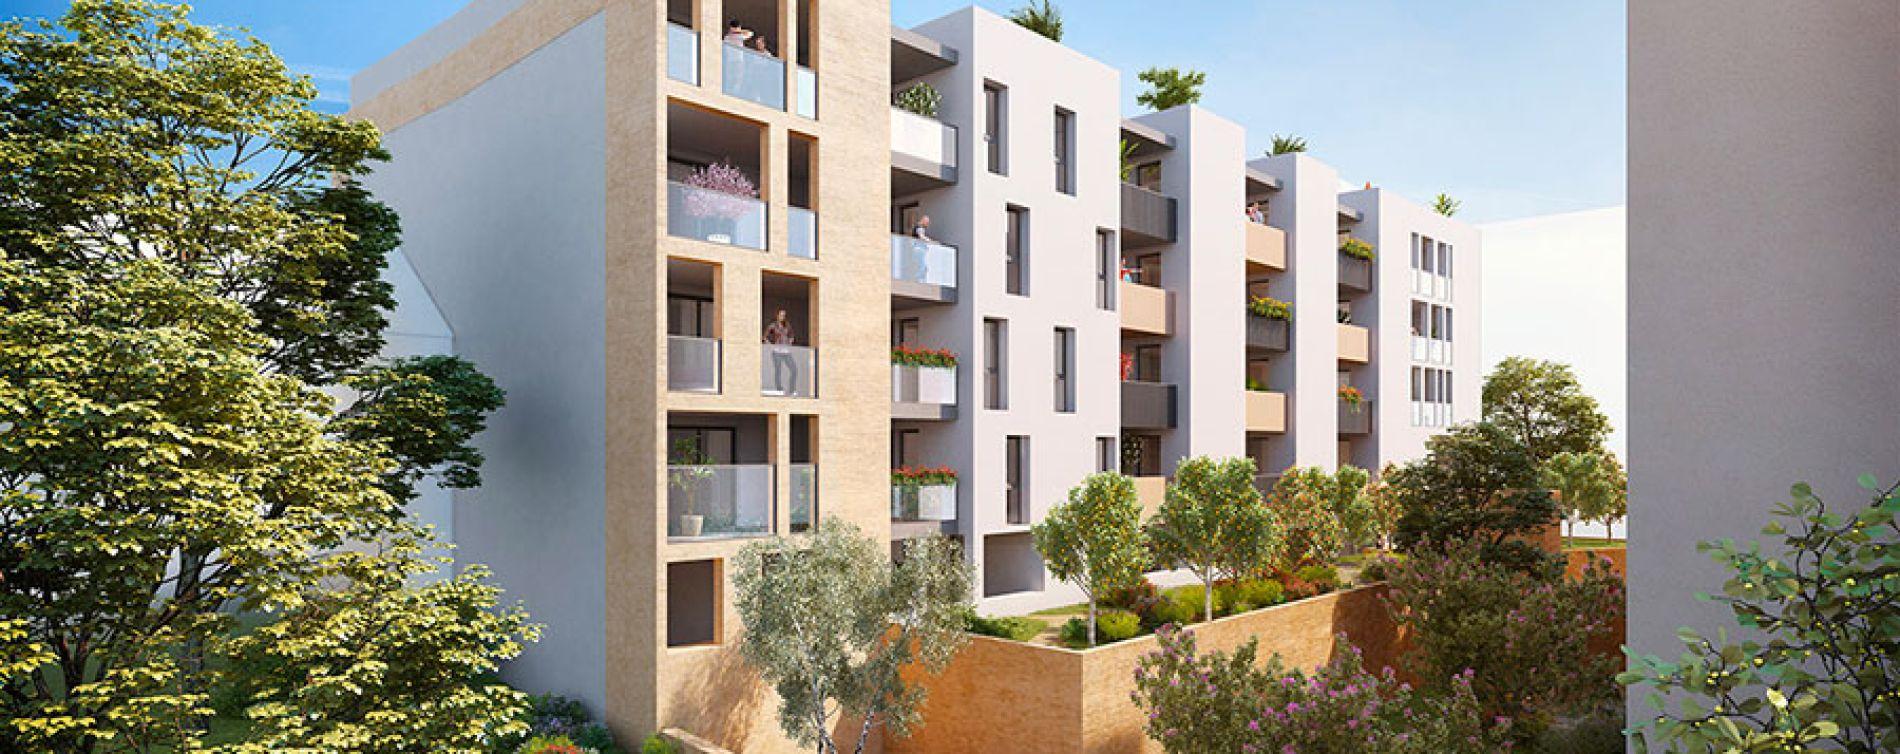 Résidence Bel'Ombra à Toulon